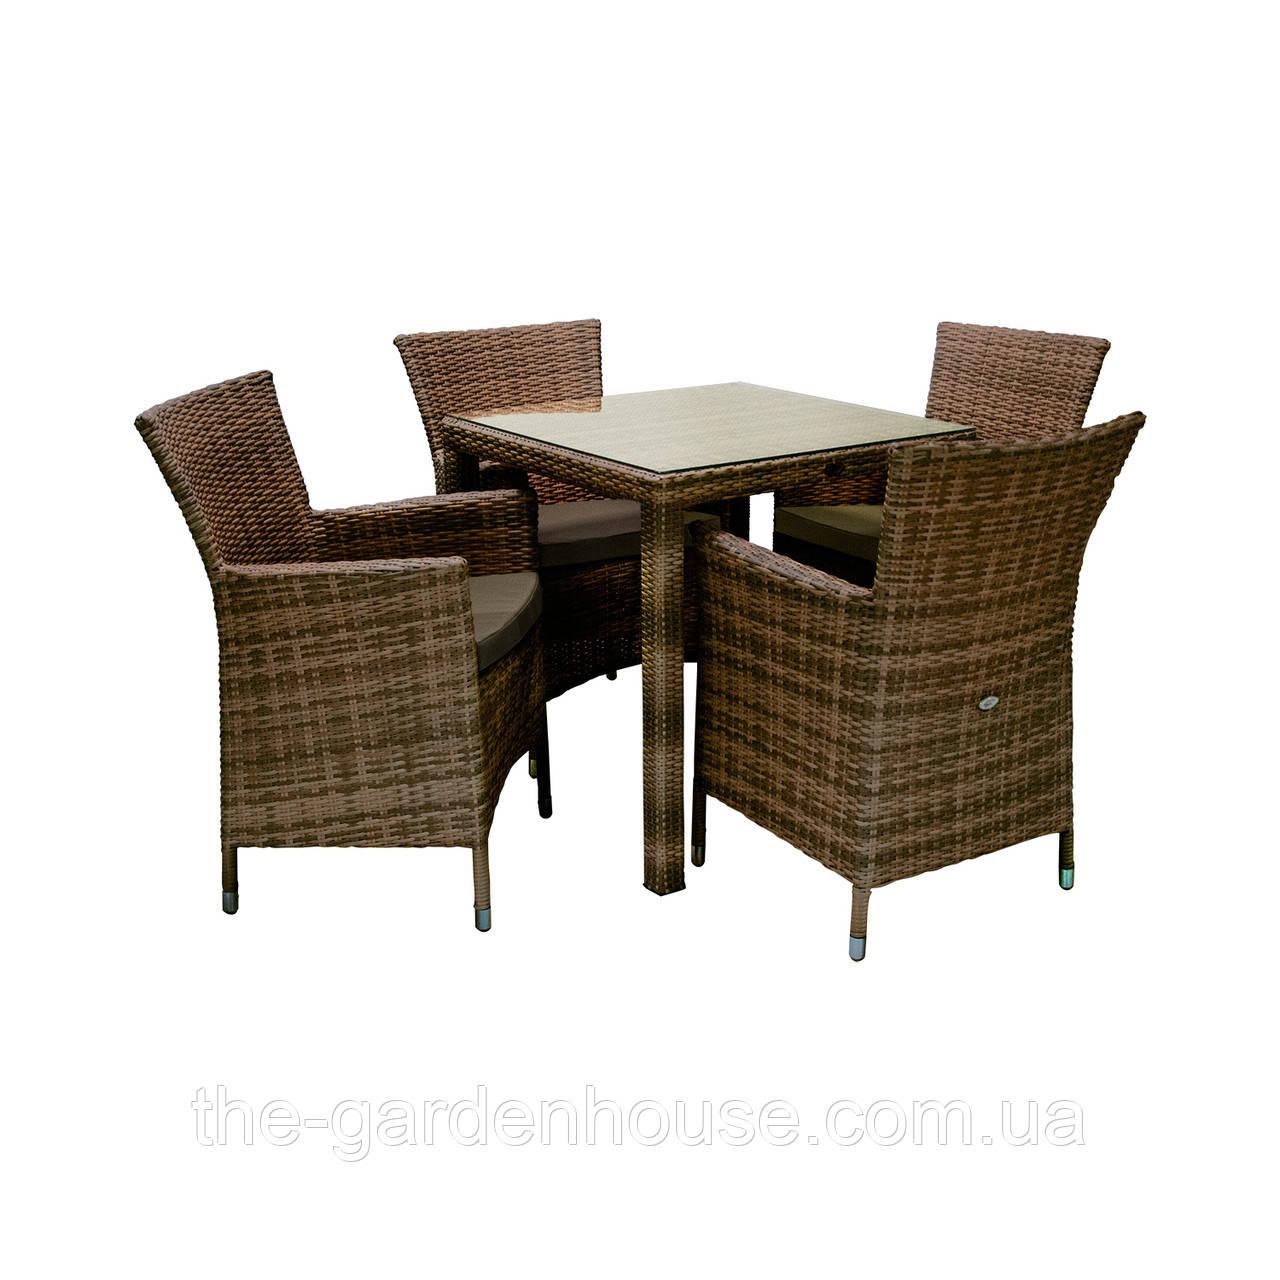 Столовый набор садовой мебели WICKER из искусственного ротанга коричневый